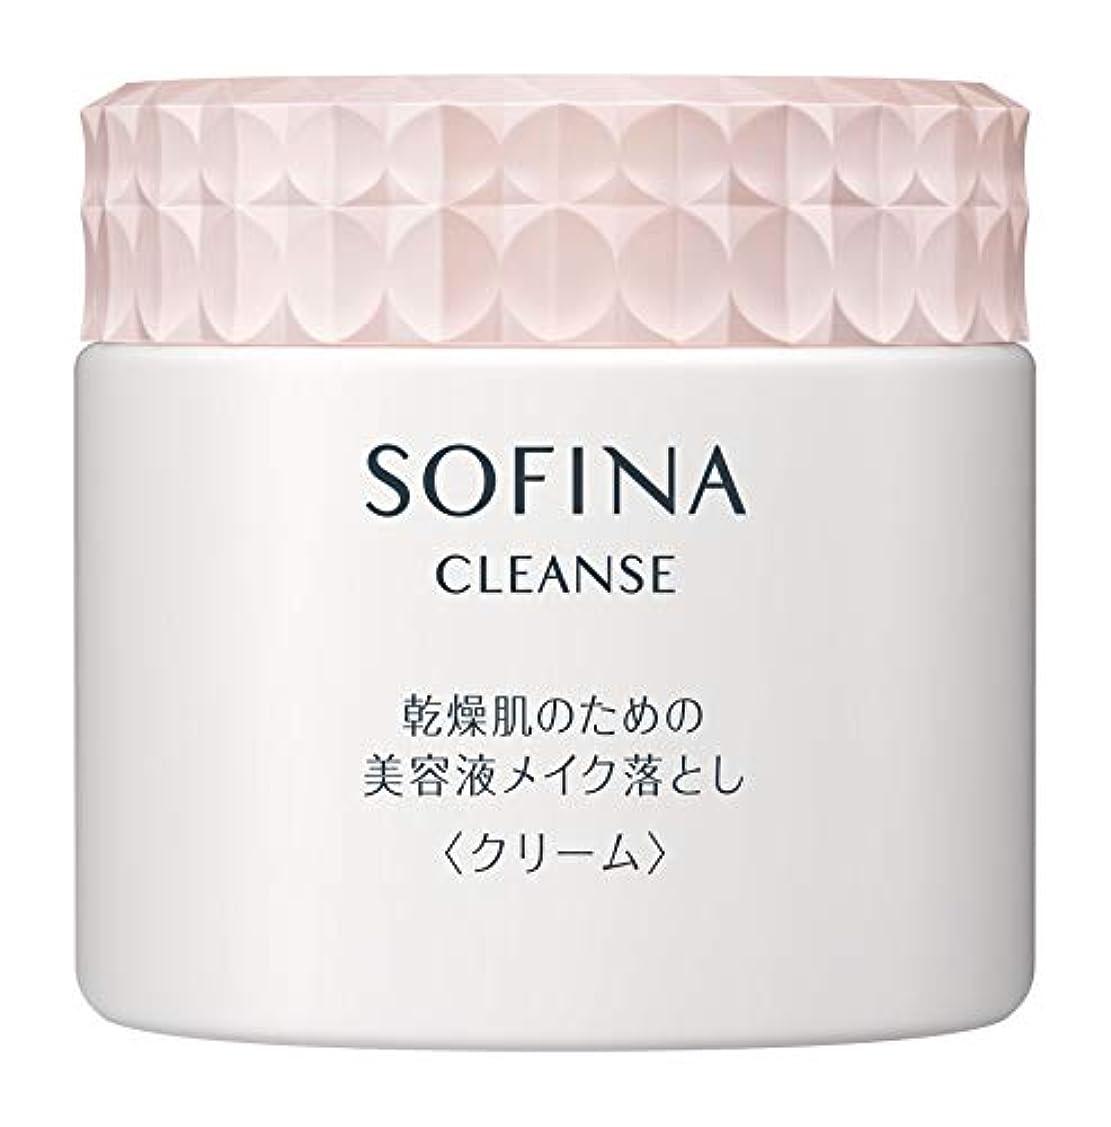 海上マウスピース火ソフィーナ 乾燥肌のための美容液メイク落とし クリーム 200g